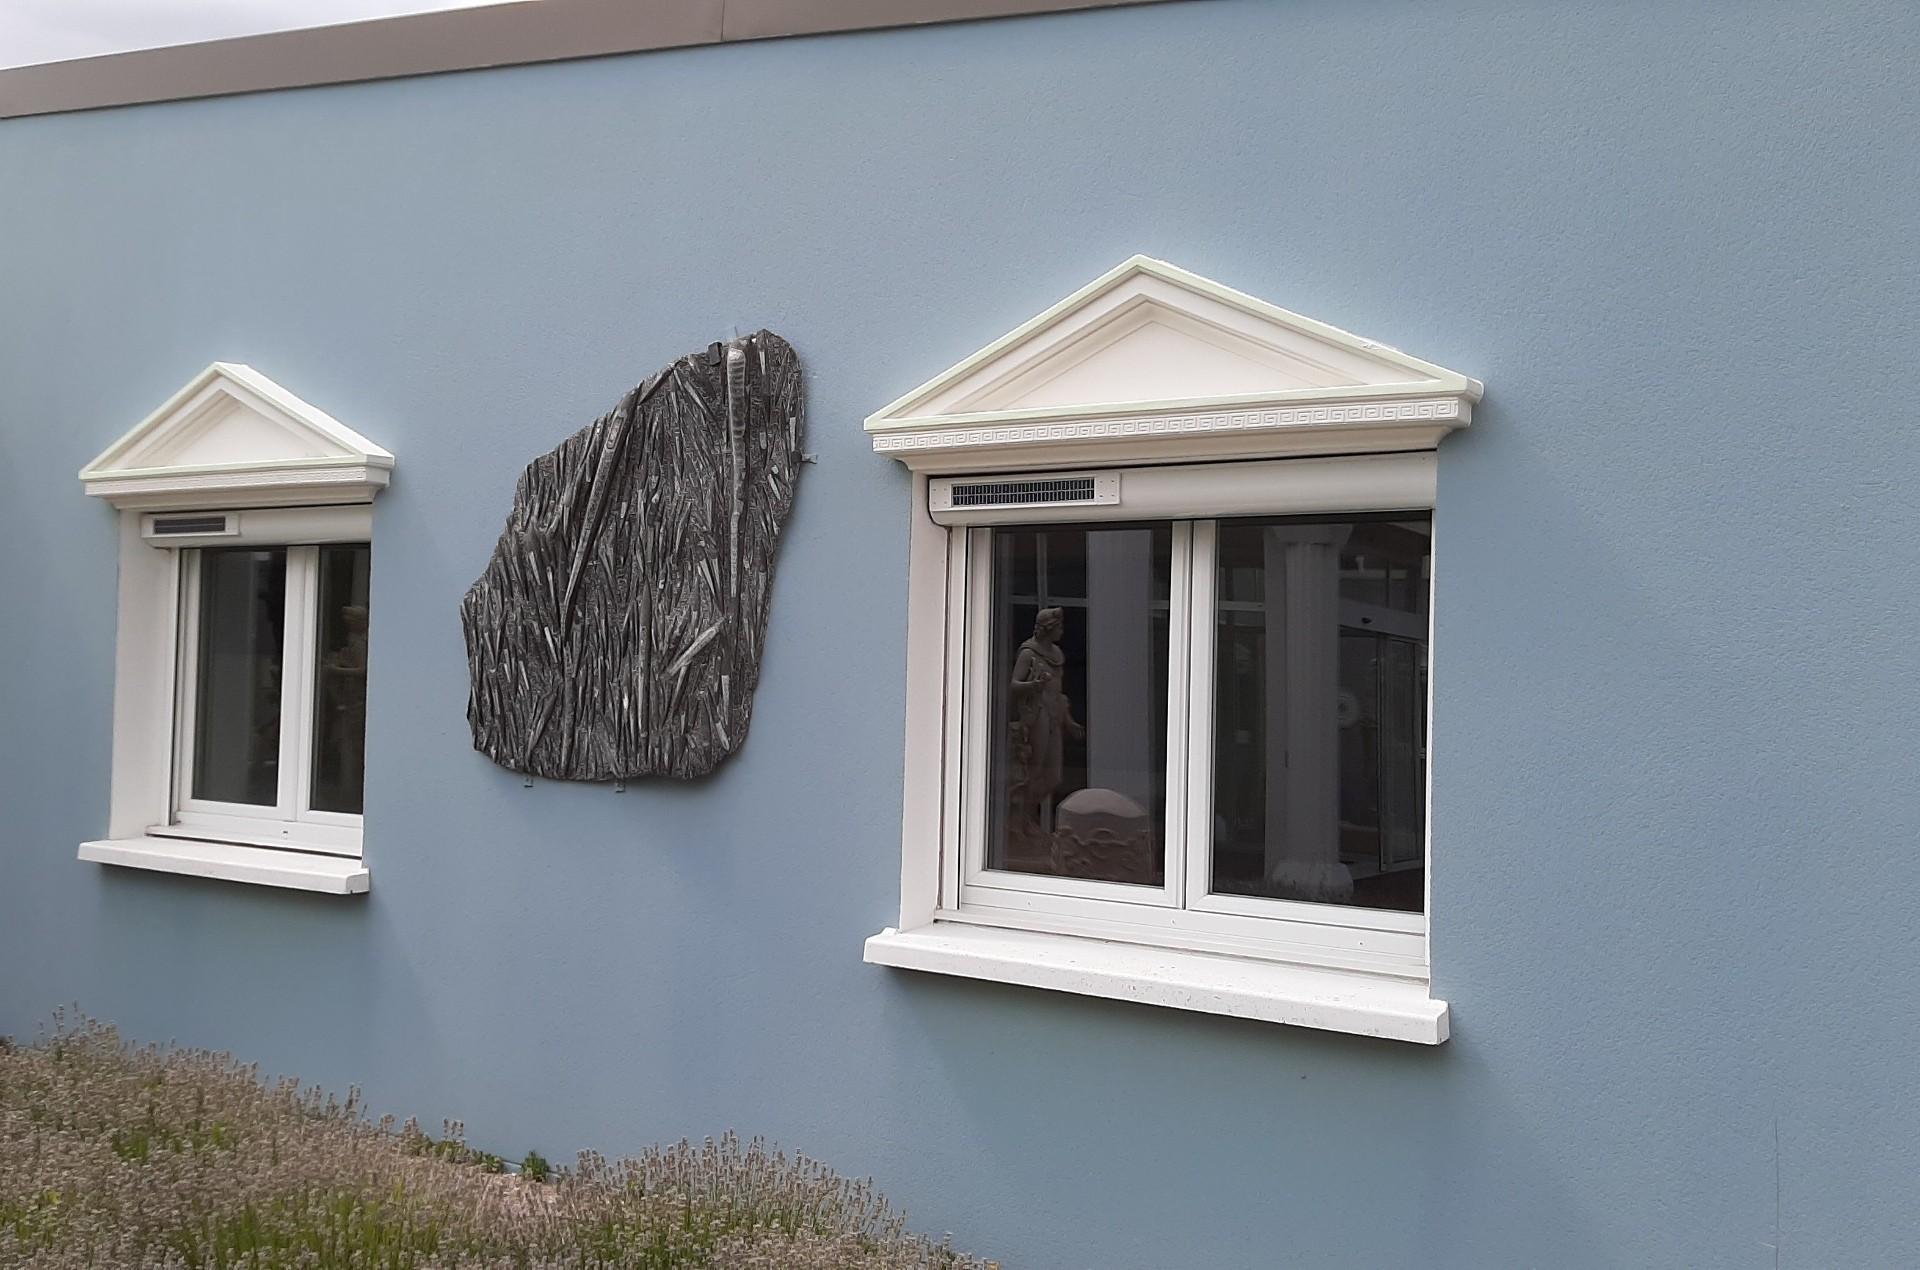 Fronton de fenêtre en style grec, pierre / béton décoratif